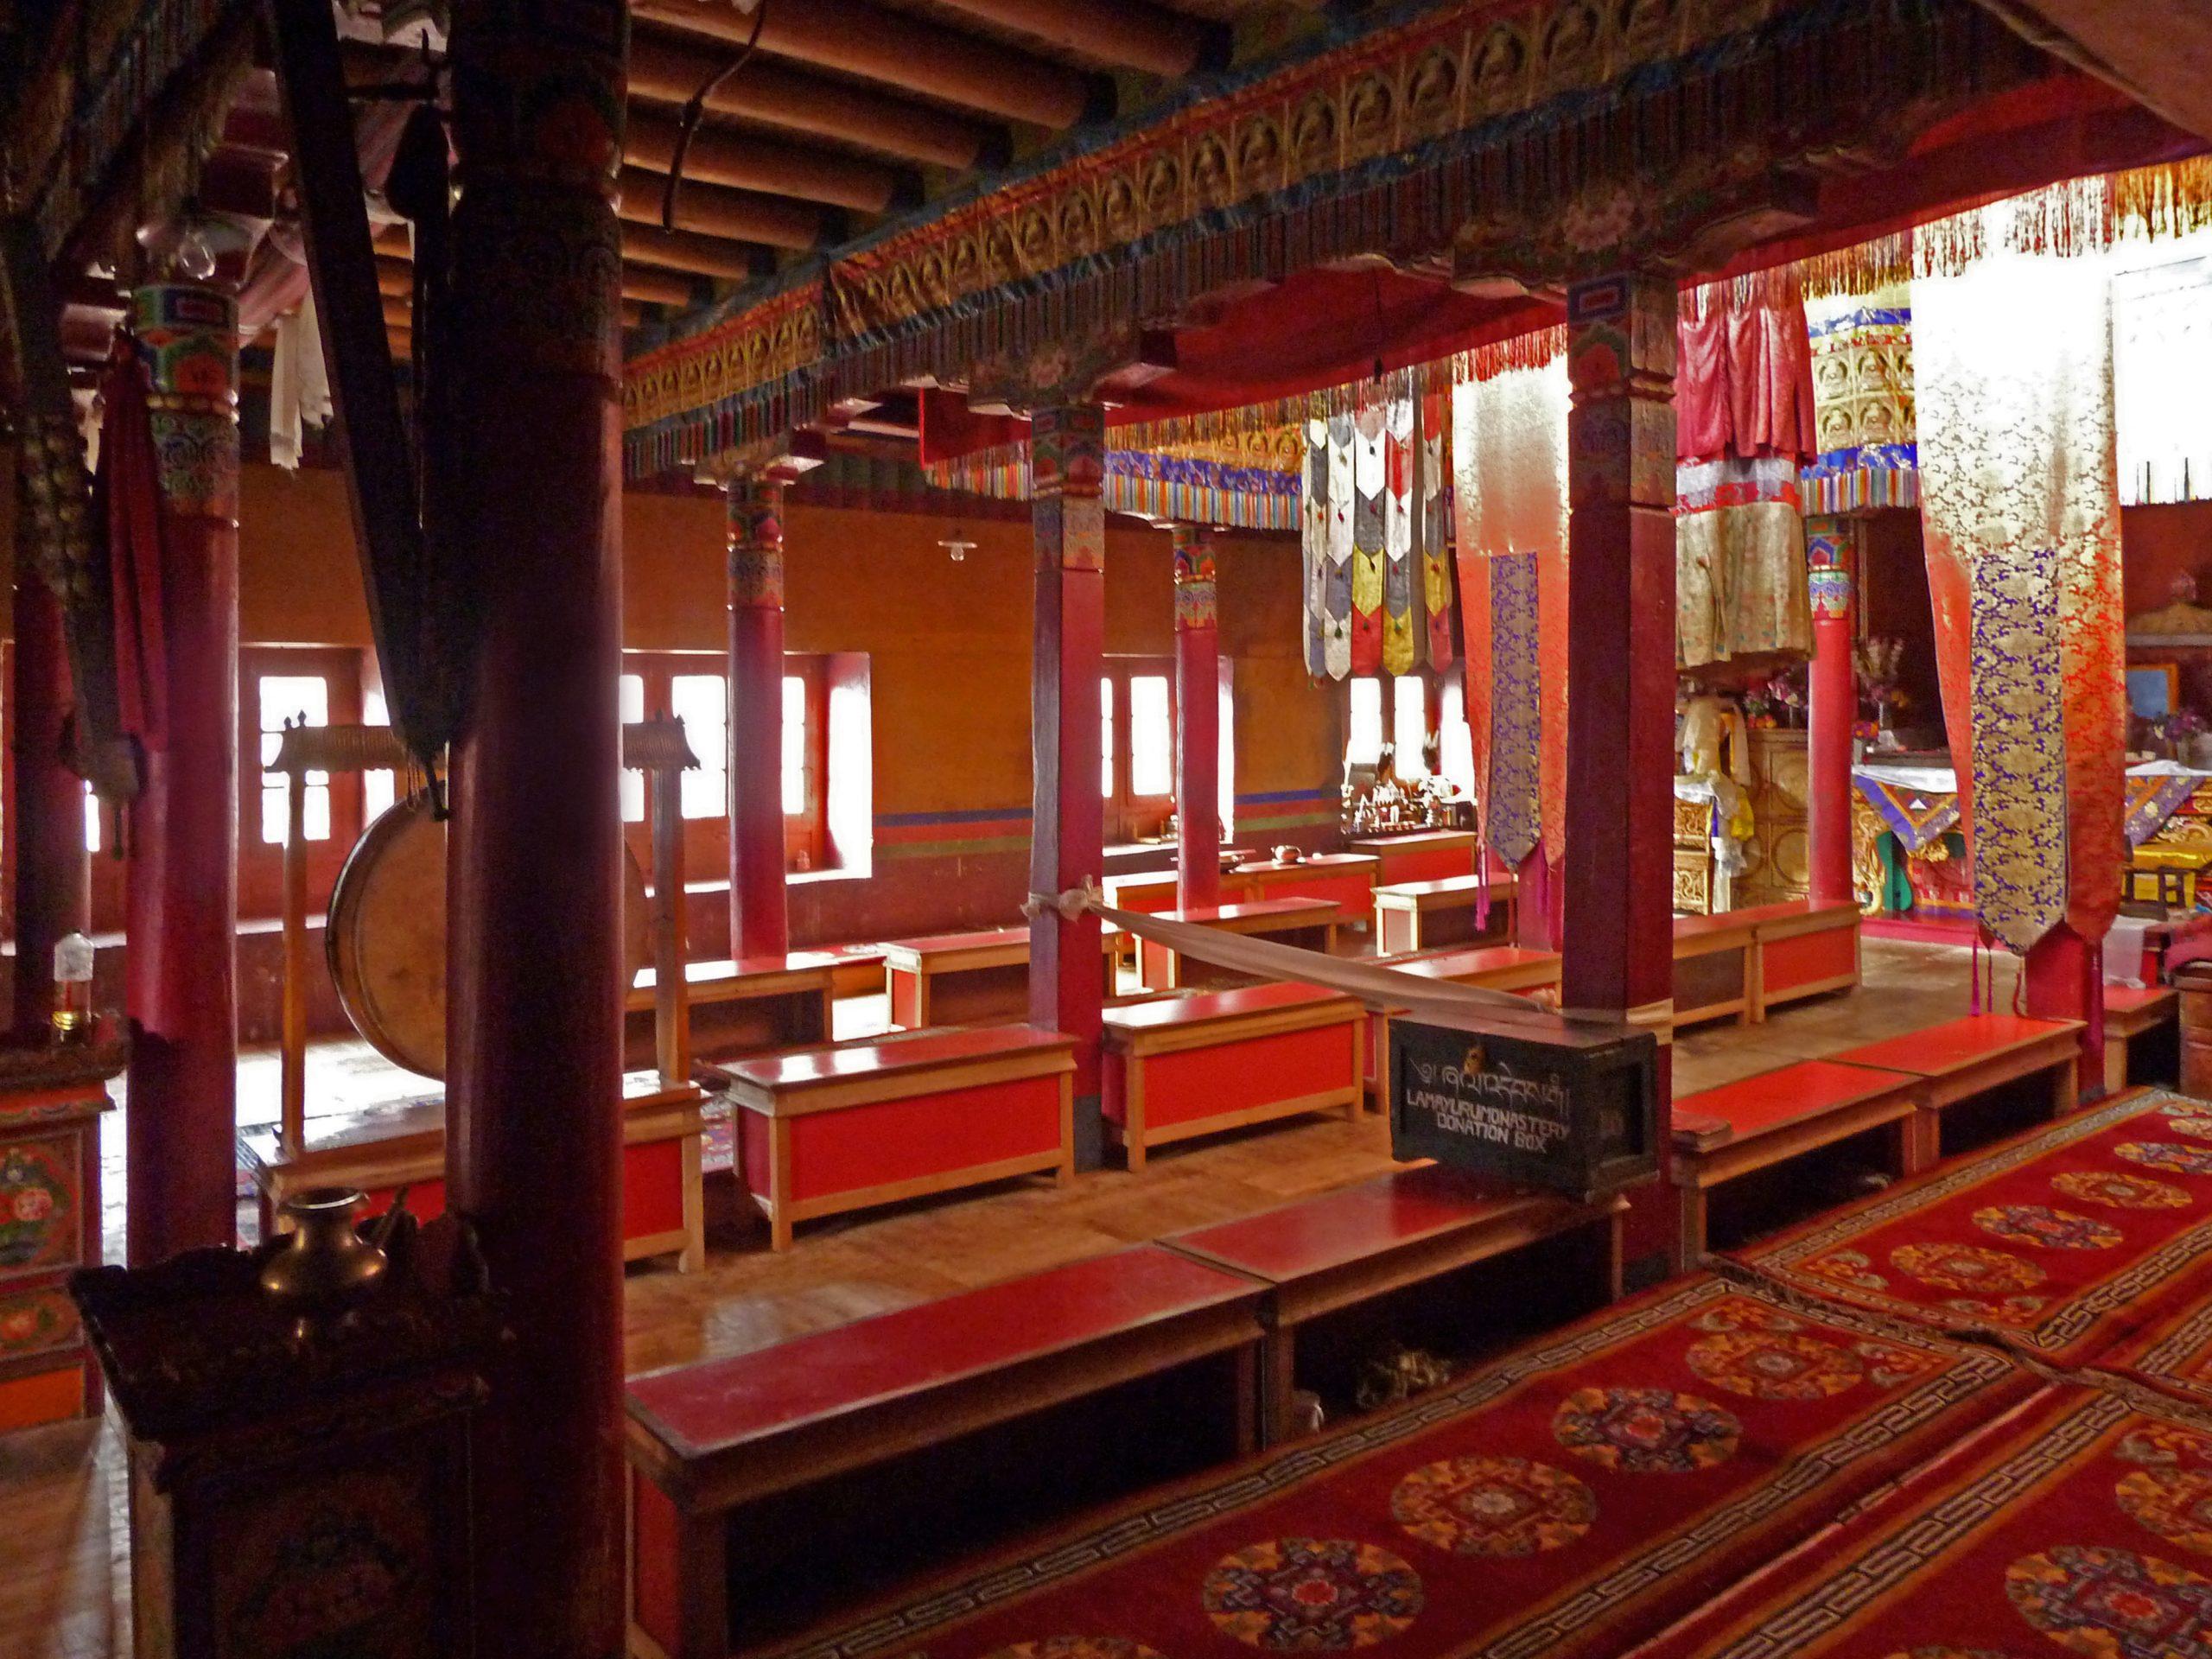 Radreise Ladakh 2012 - Kloster Lamayuru - Versammlungsraum der Mönche (Dukhang)